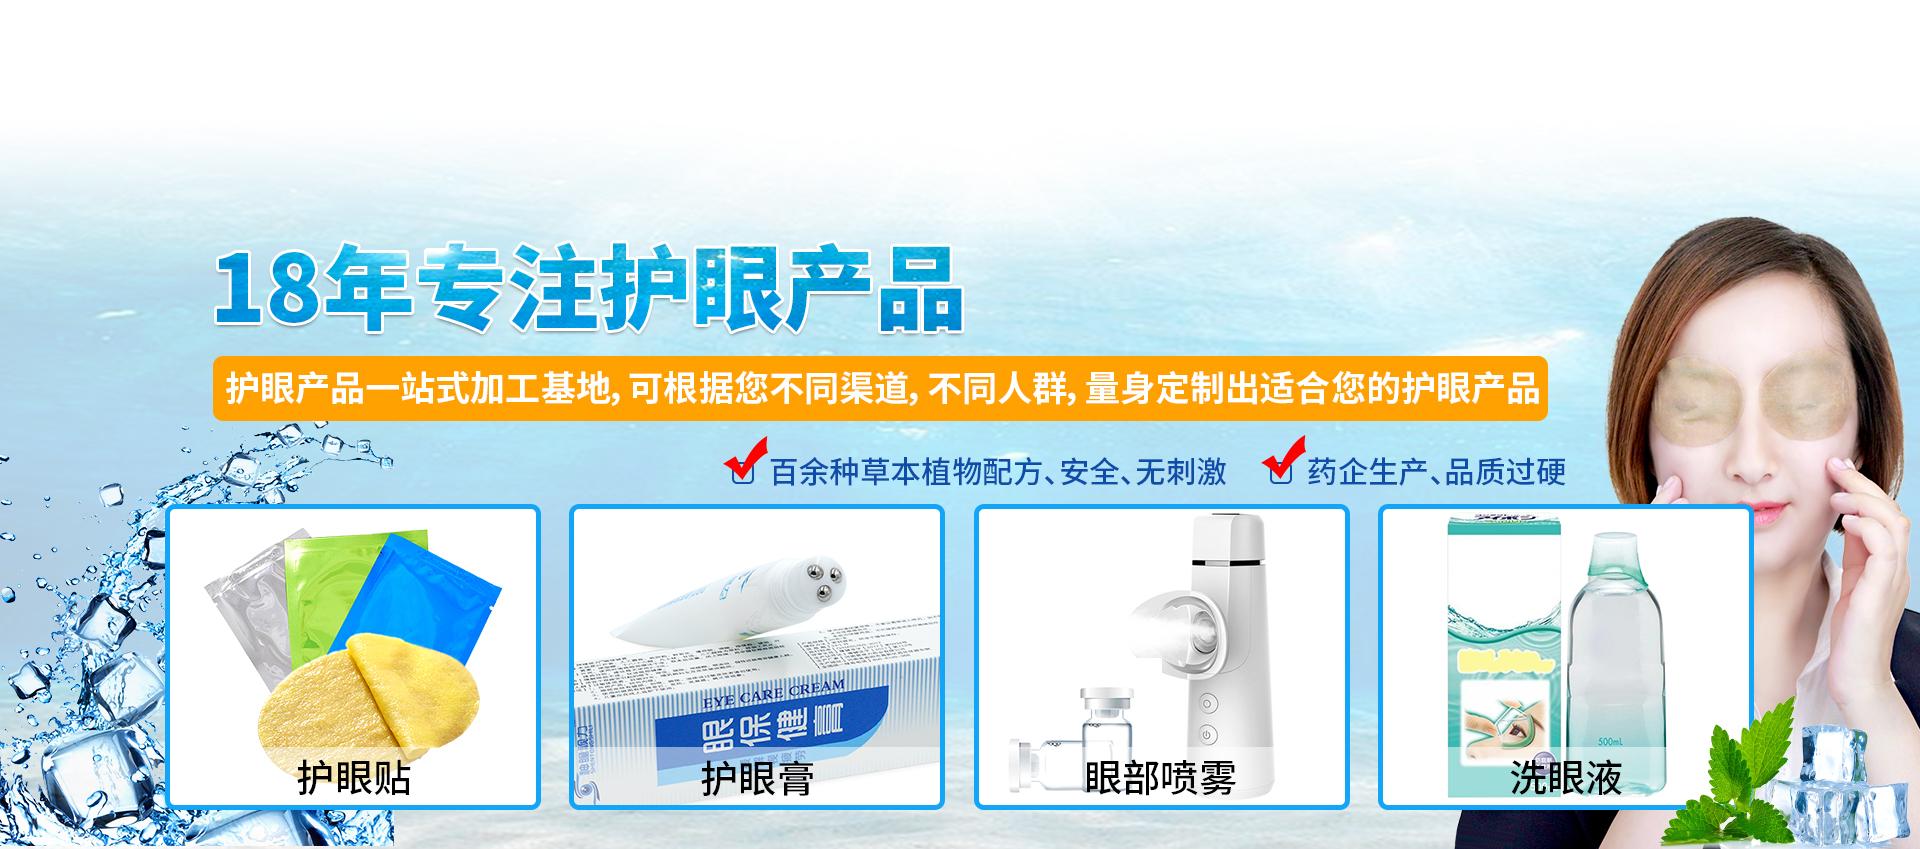 爱视立护眼产品中草药眼贴 眼膏 洗眼液 眼部喷雾生产 加工 贴牌 批发